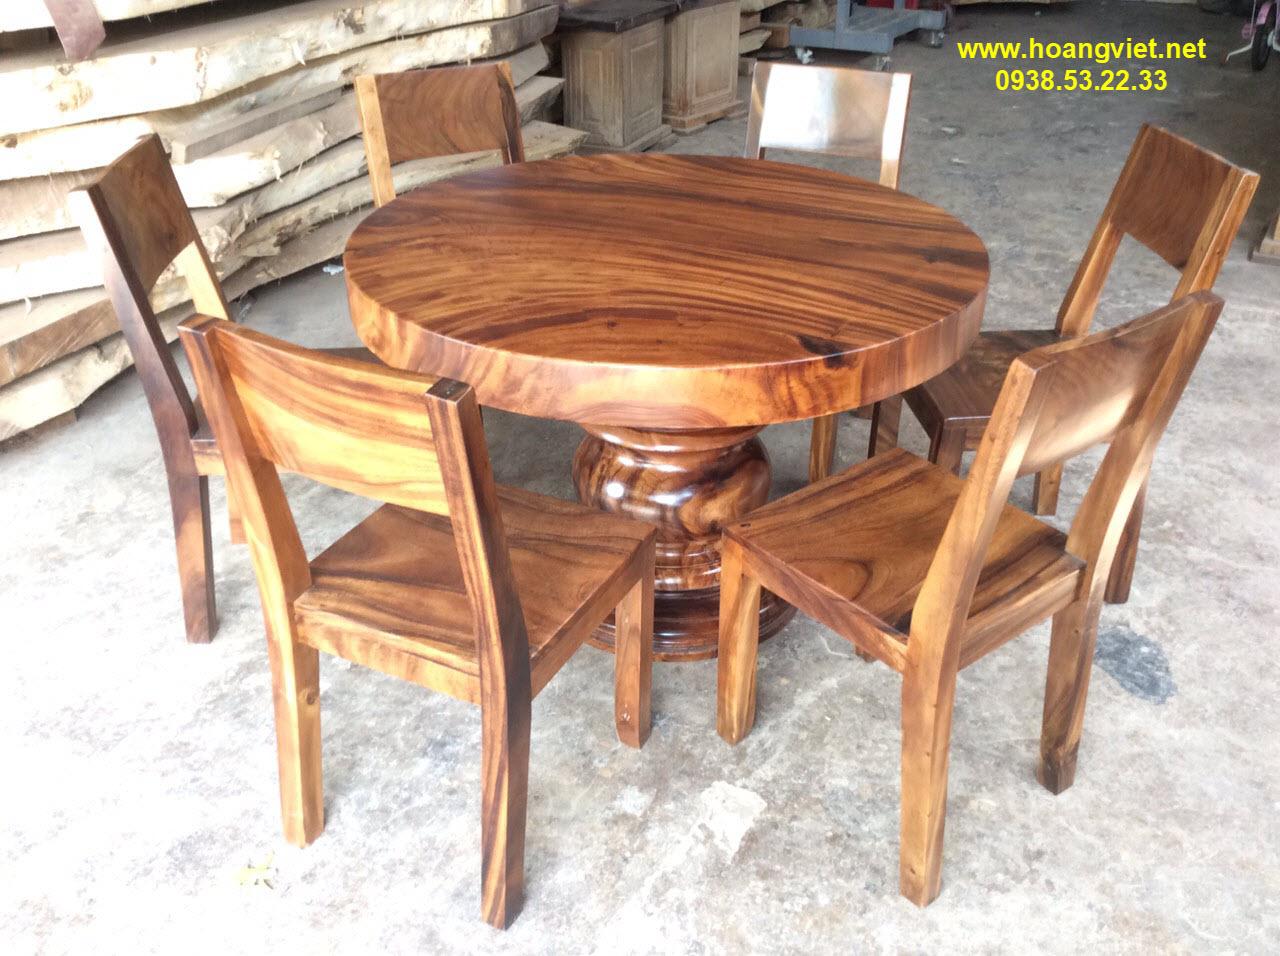 Những bộ bàn ghế gỗ còng (me tây) đẹp mê hồn bởi hệ vân siêu đẳng.